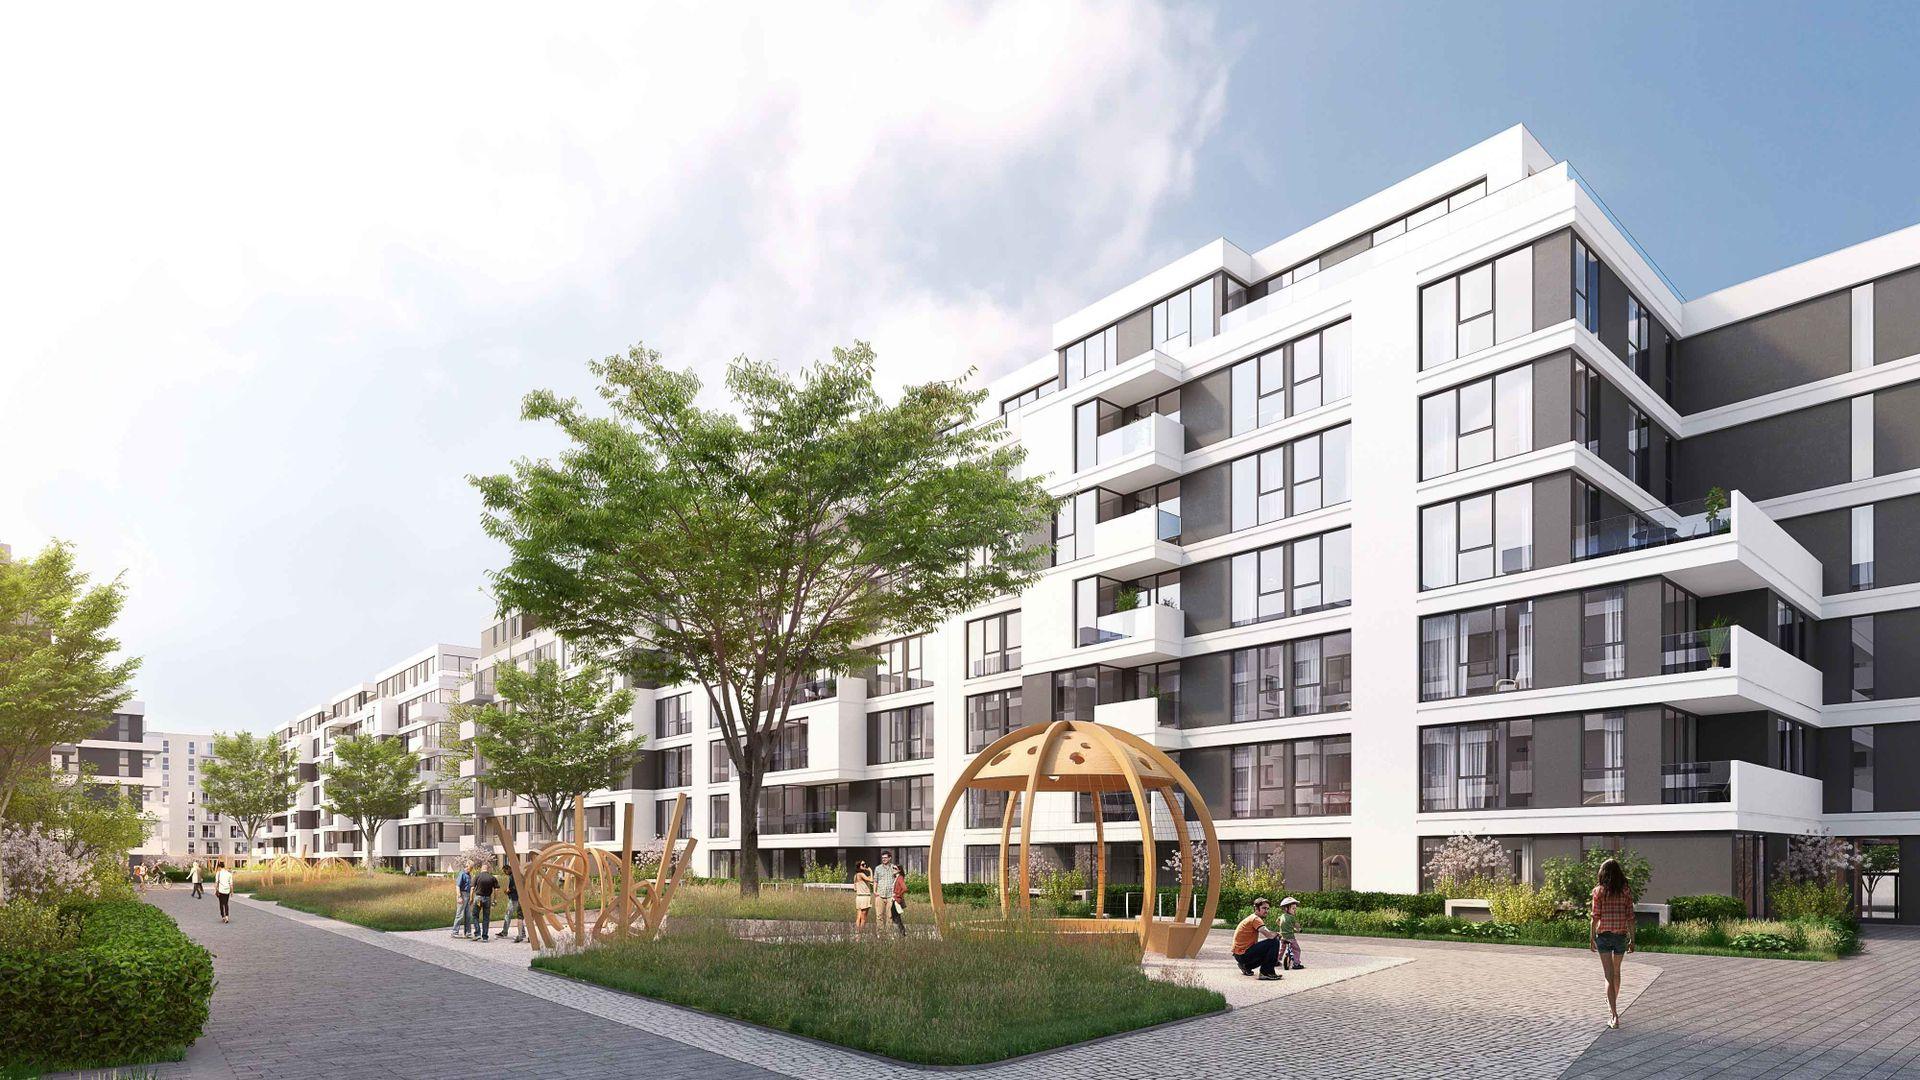 3 Bed Apartment At Stallschreiberstrasse 40 10969 Berlin